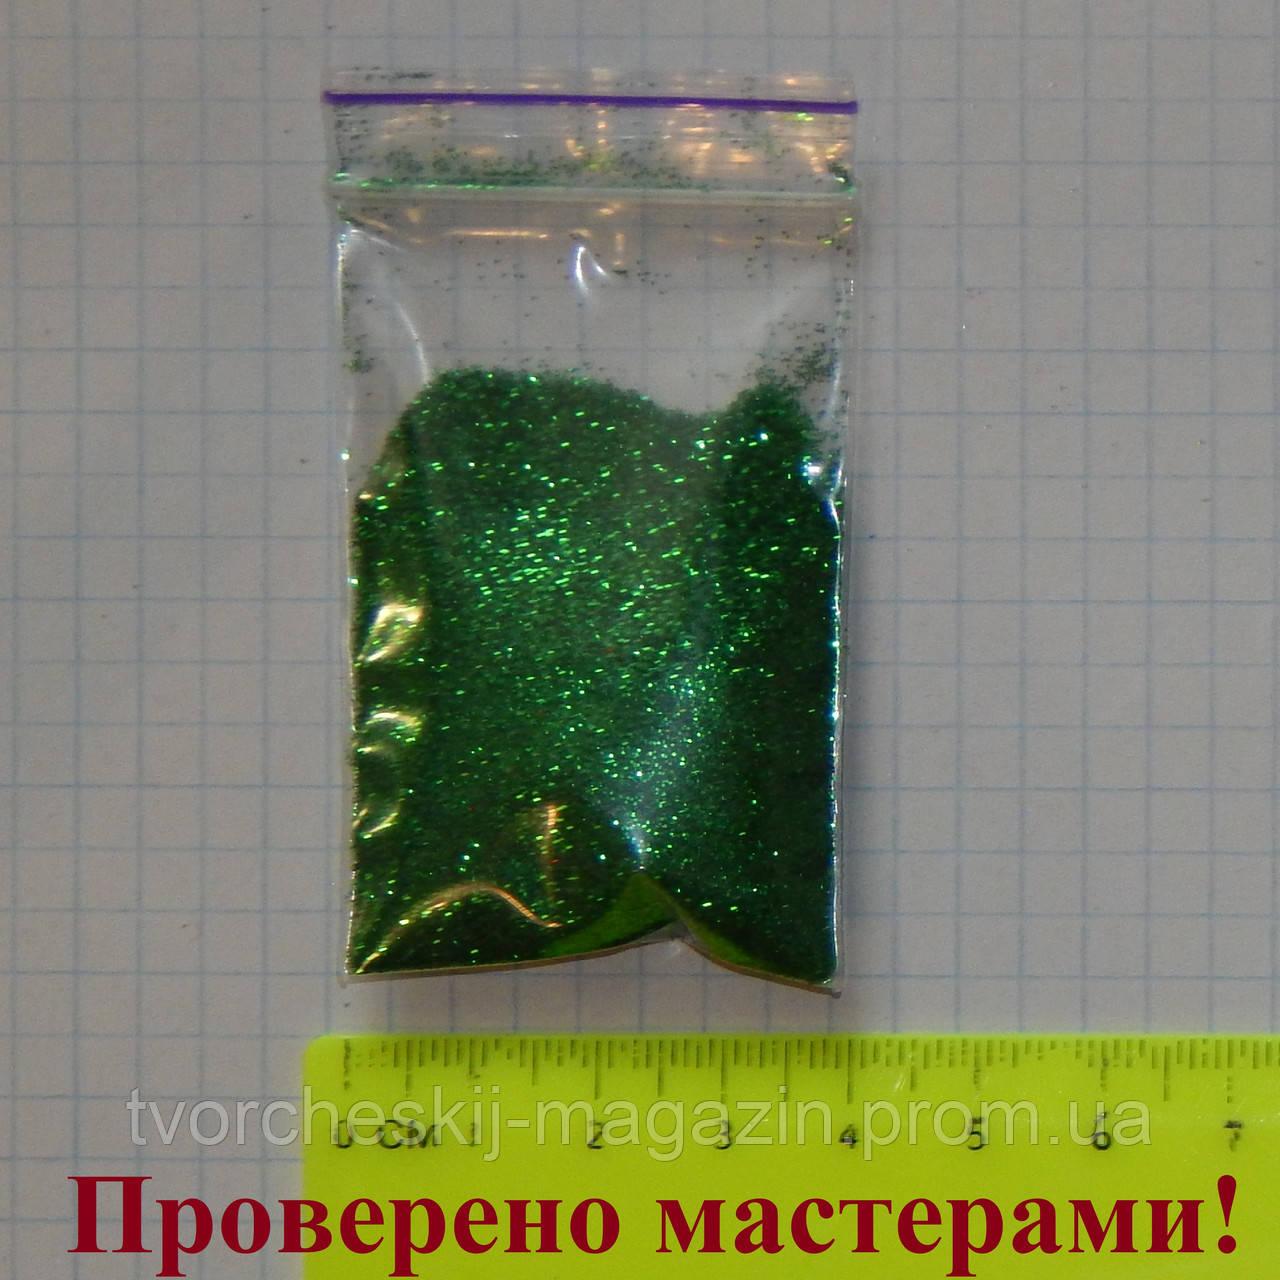 Глиттер (блестки) мелкие, зеленые 10 г.